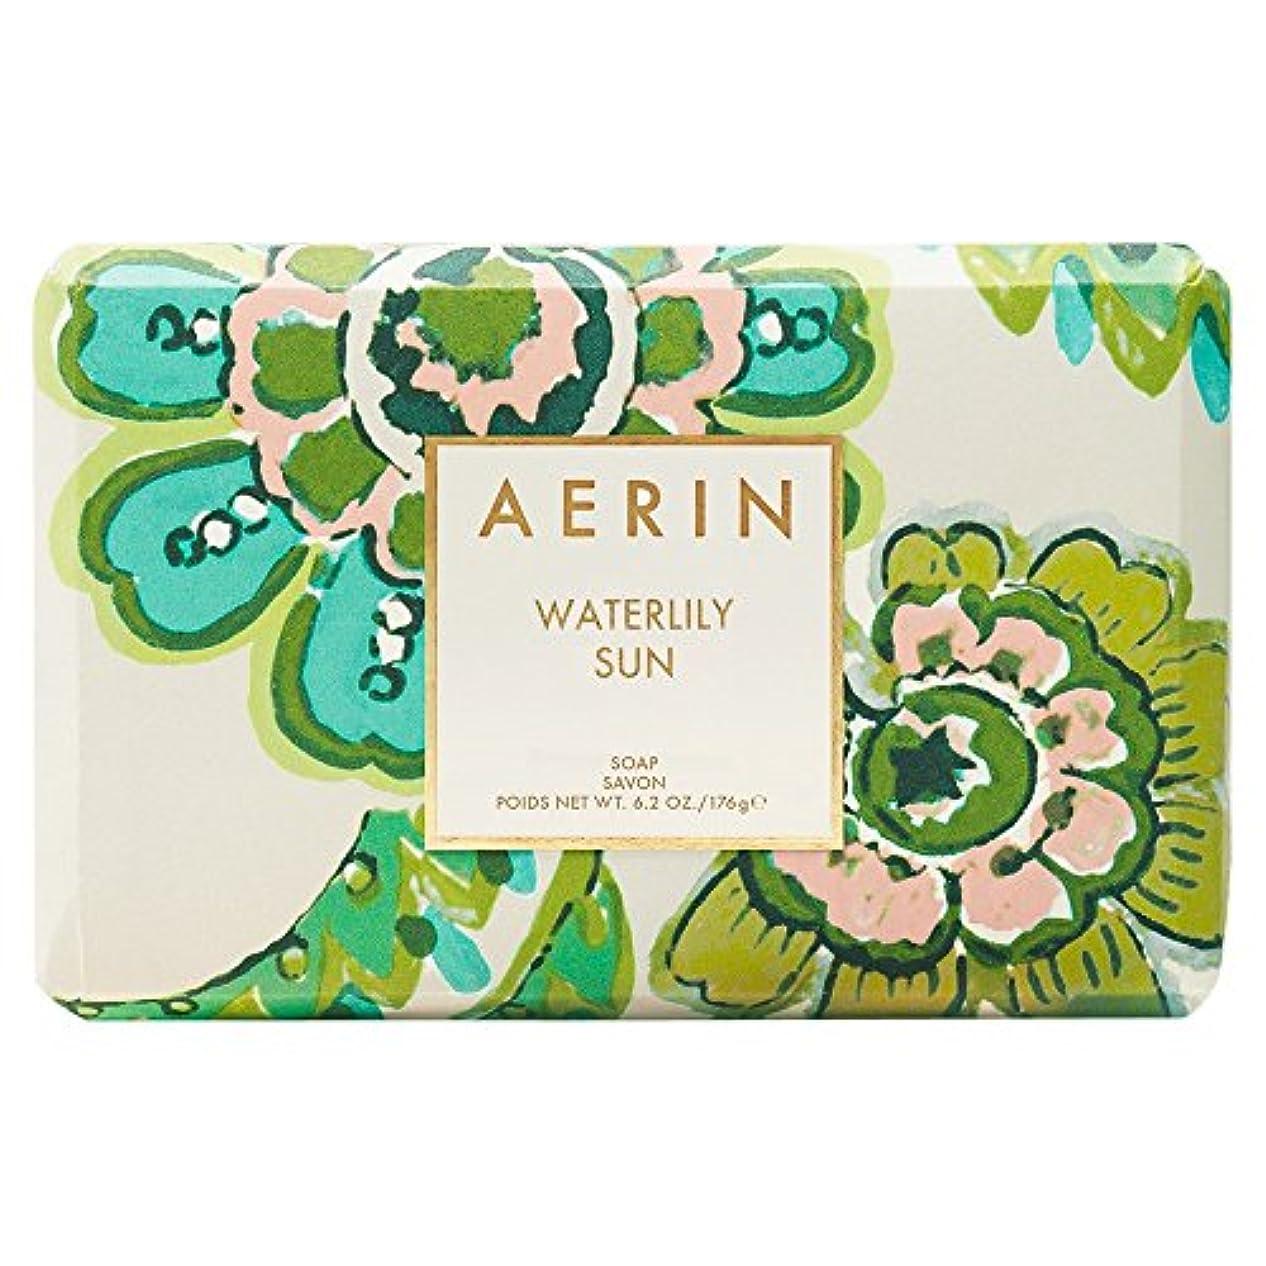 直径思い出す疲労Aerinスイレン日石鹸176グラム (AERIN) - AERIN Waterlily Sun Soap 176g [並行輸入品]